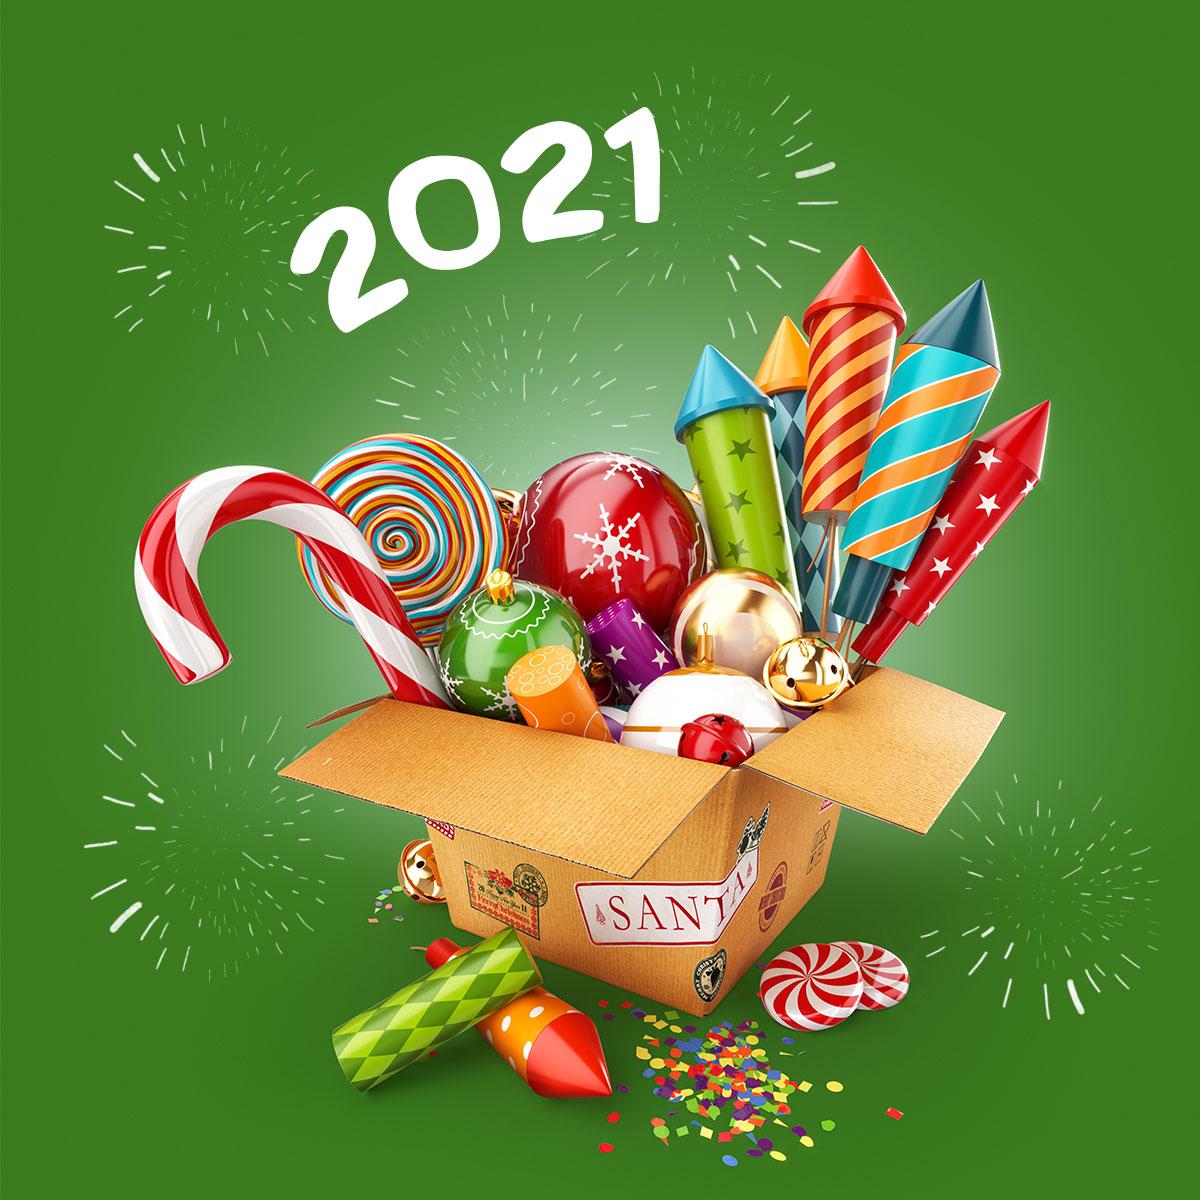 Картинка сладкие подарки на новый год 2021 в картонной коробке с карамелью, рождественскими шарами и фейерверками на зелёном фоне.